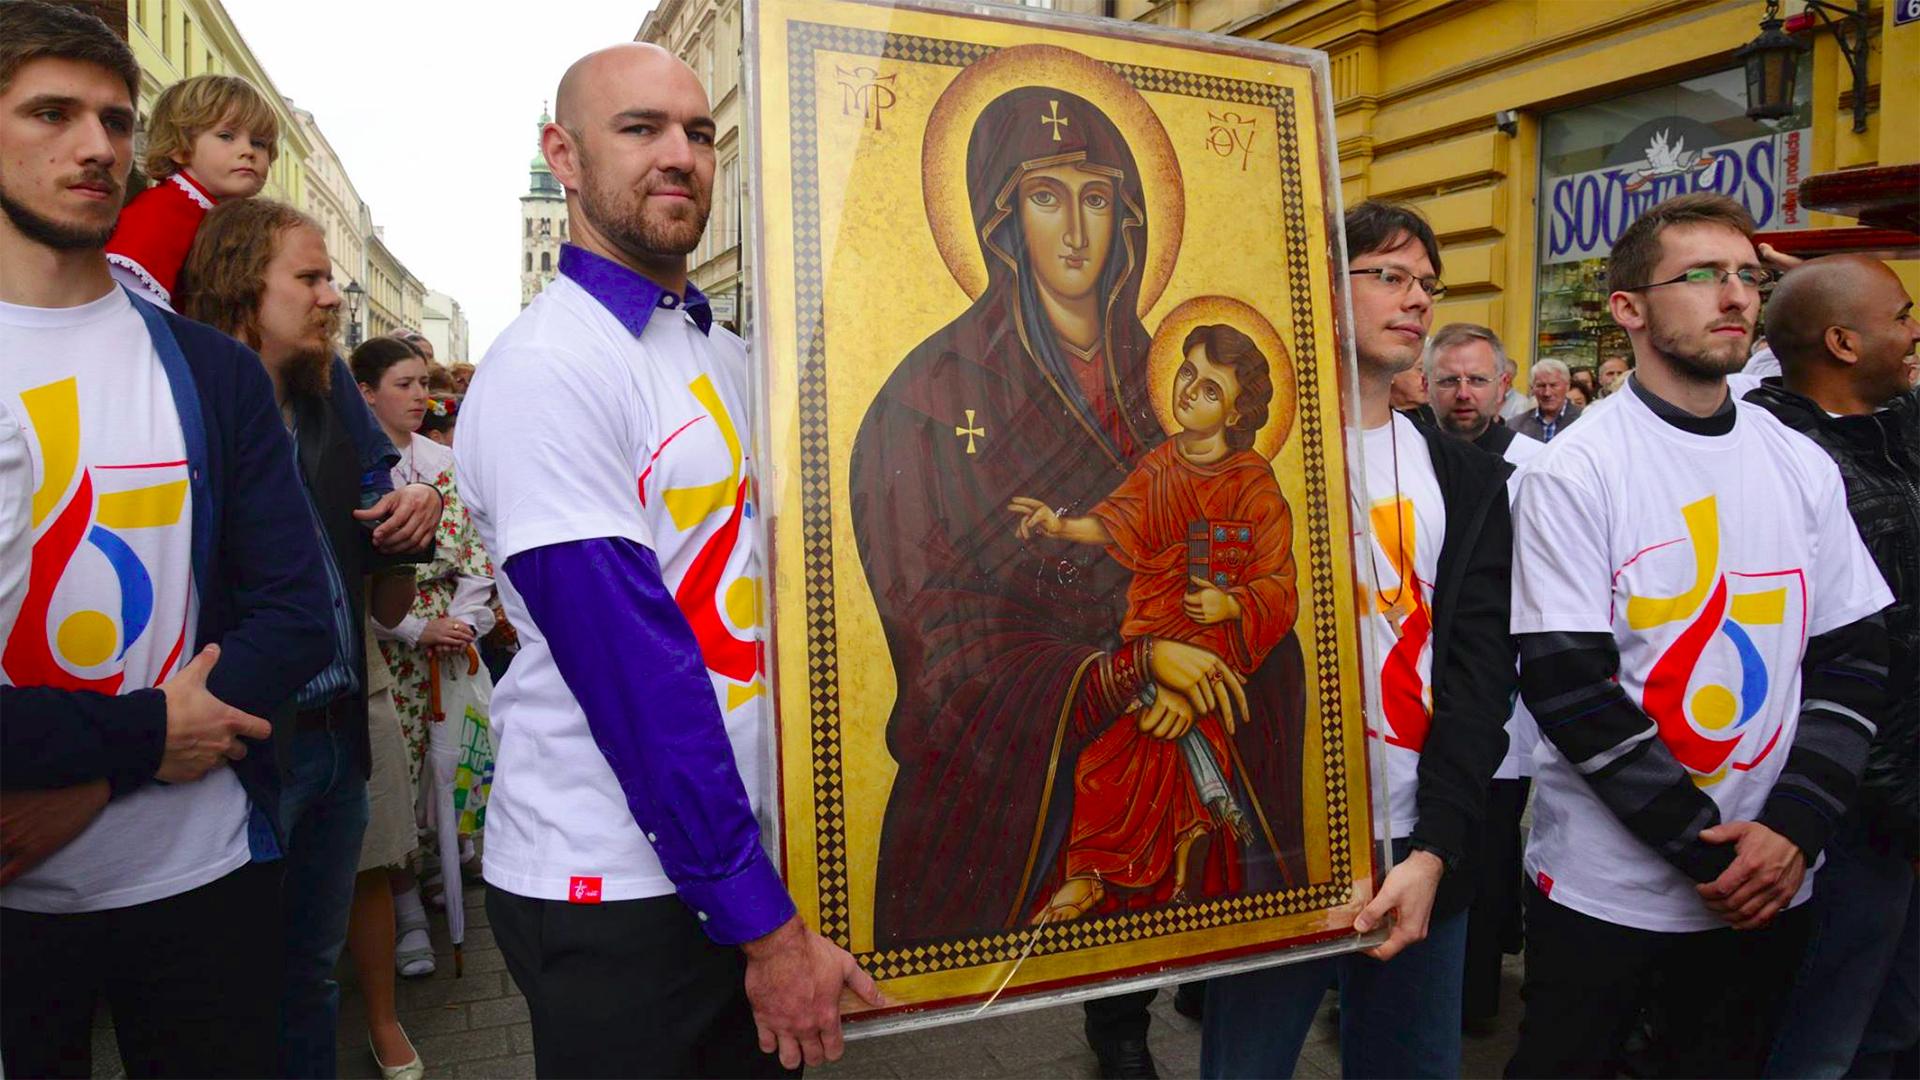 Le pape s'apprête à visiter la Pologne, le pays le plus catholique d'Europe (Photo: krakow2016.com)